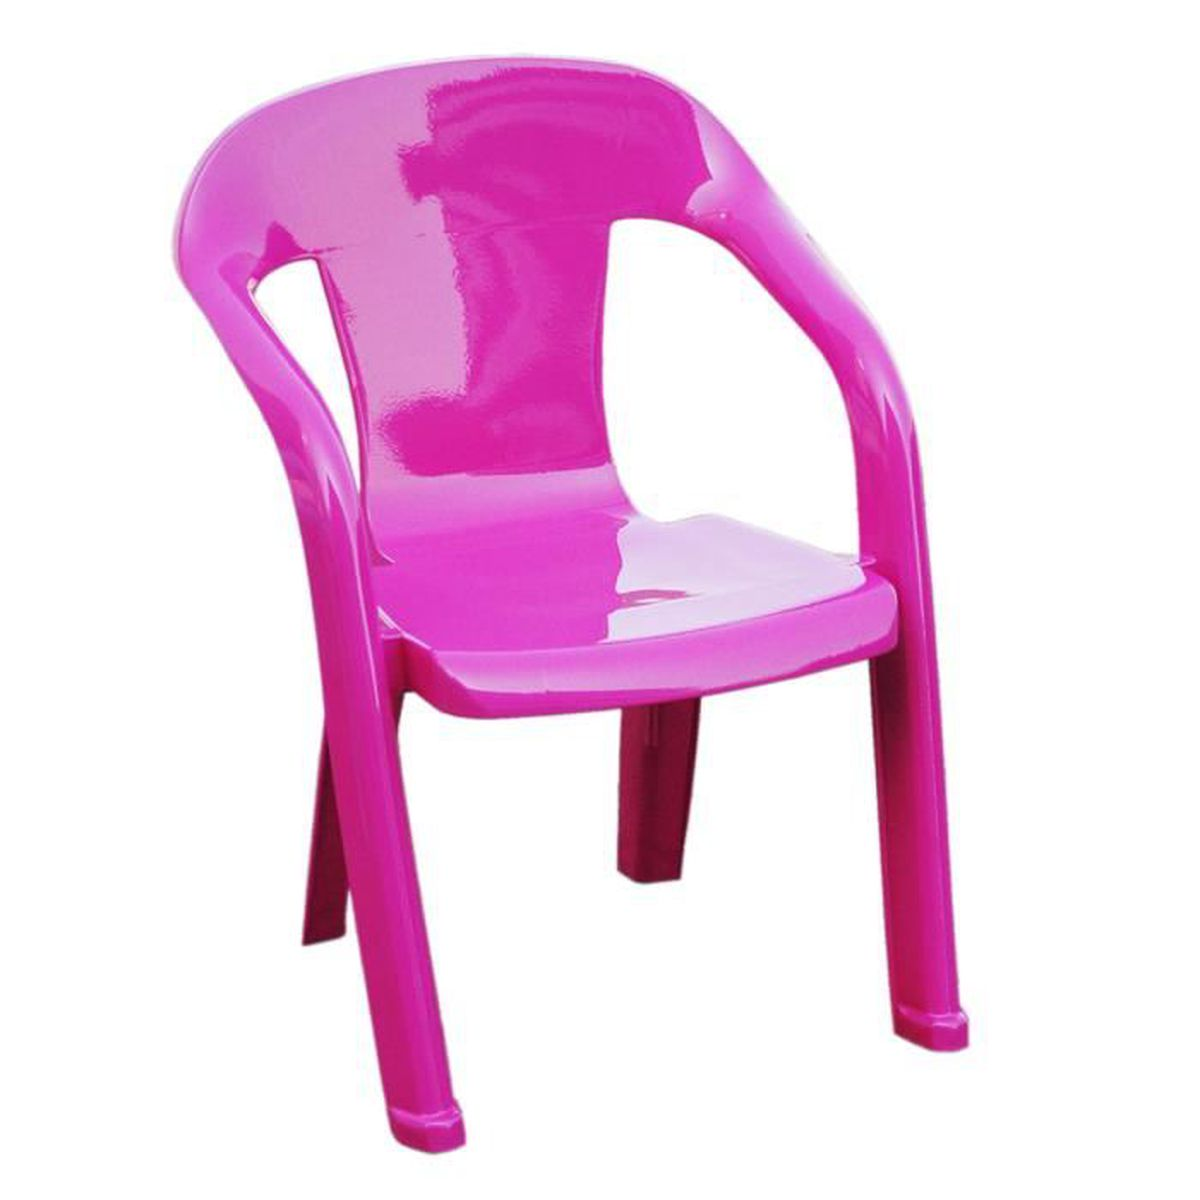 Fauteuil de Jardin Enfant Rose - Achat / Vente fauteuil jardin ...